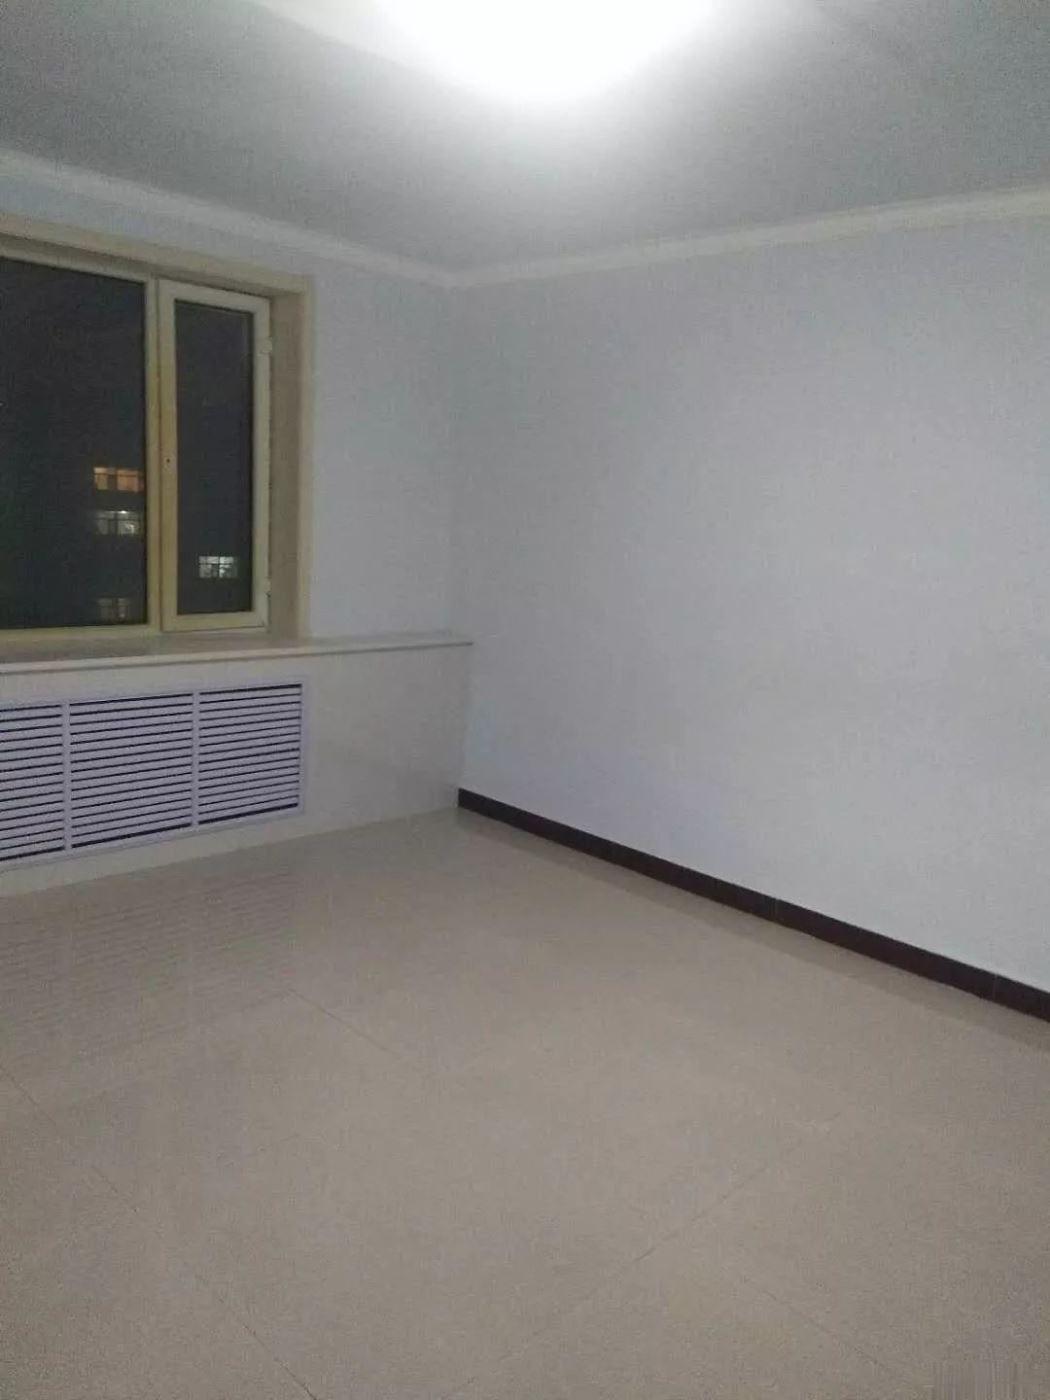 县府街邮电小区 2楼精装 南北通透 5年外房本可按揭贷款